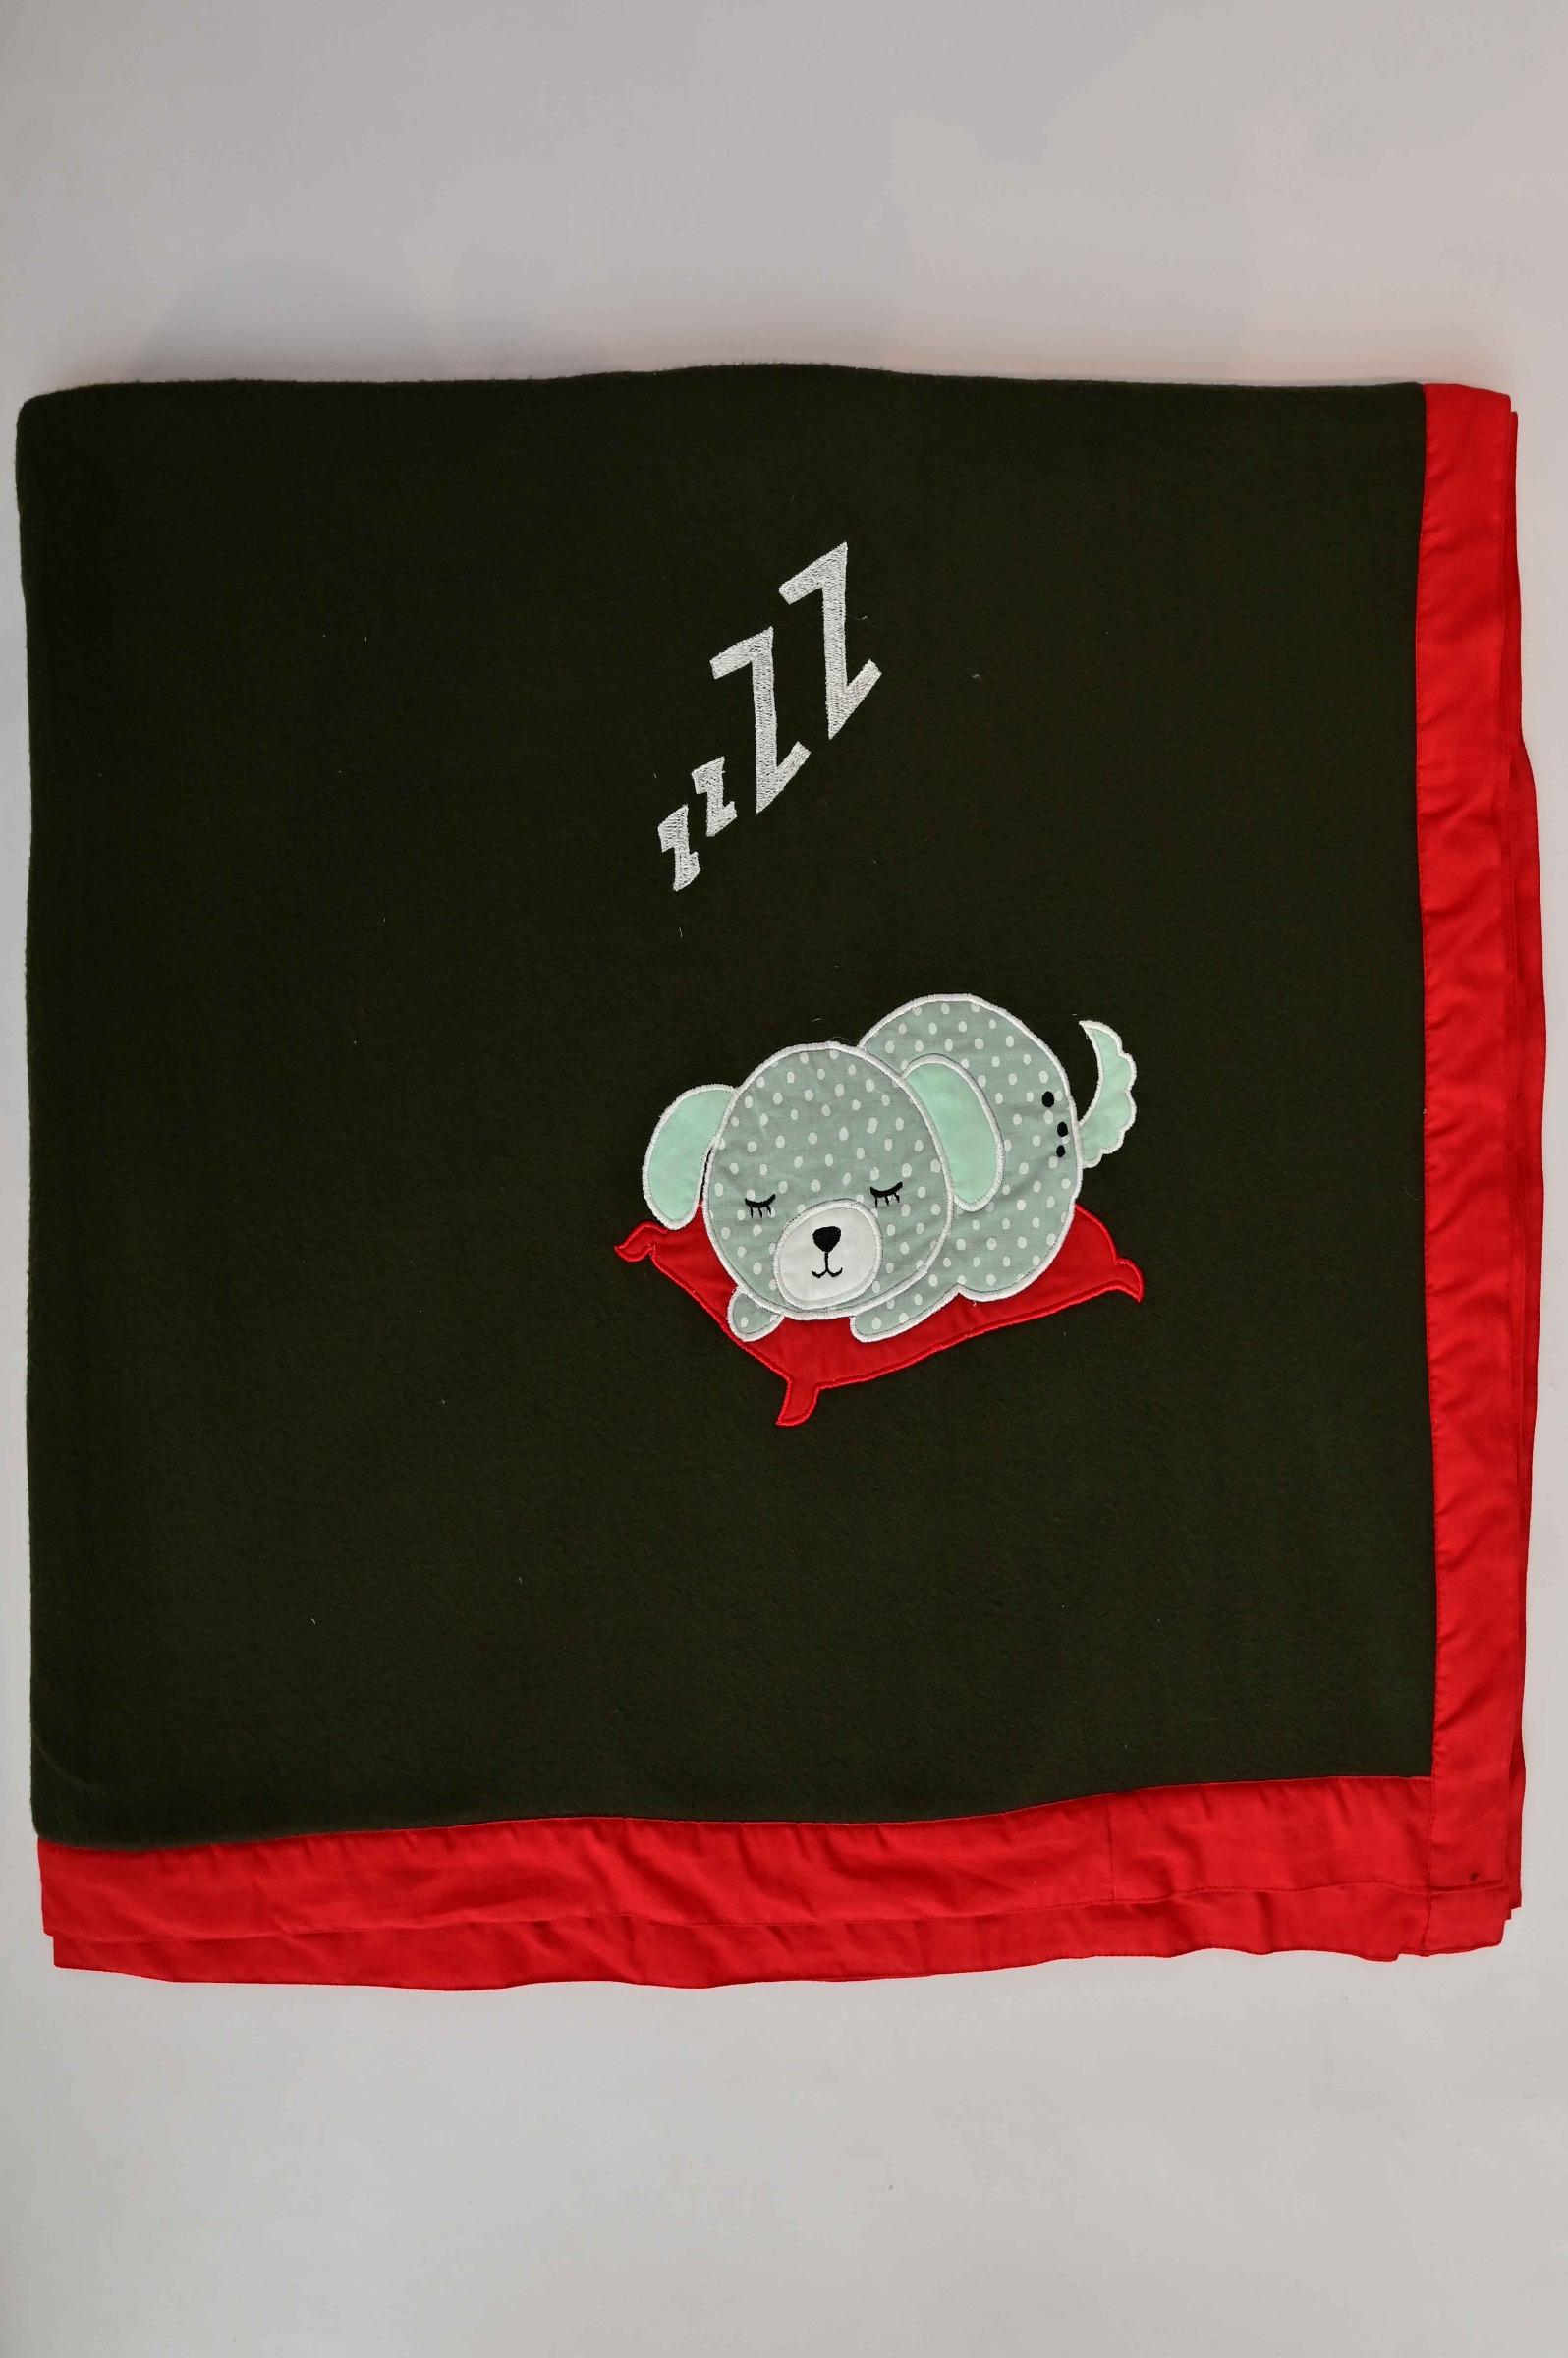 Sleeping Beauty Doggy Blanket